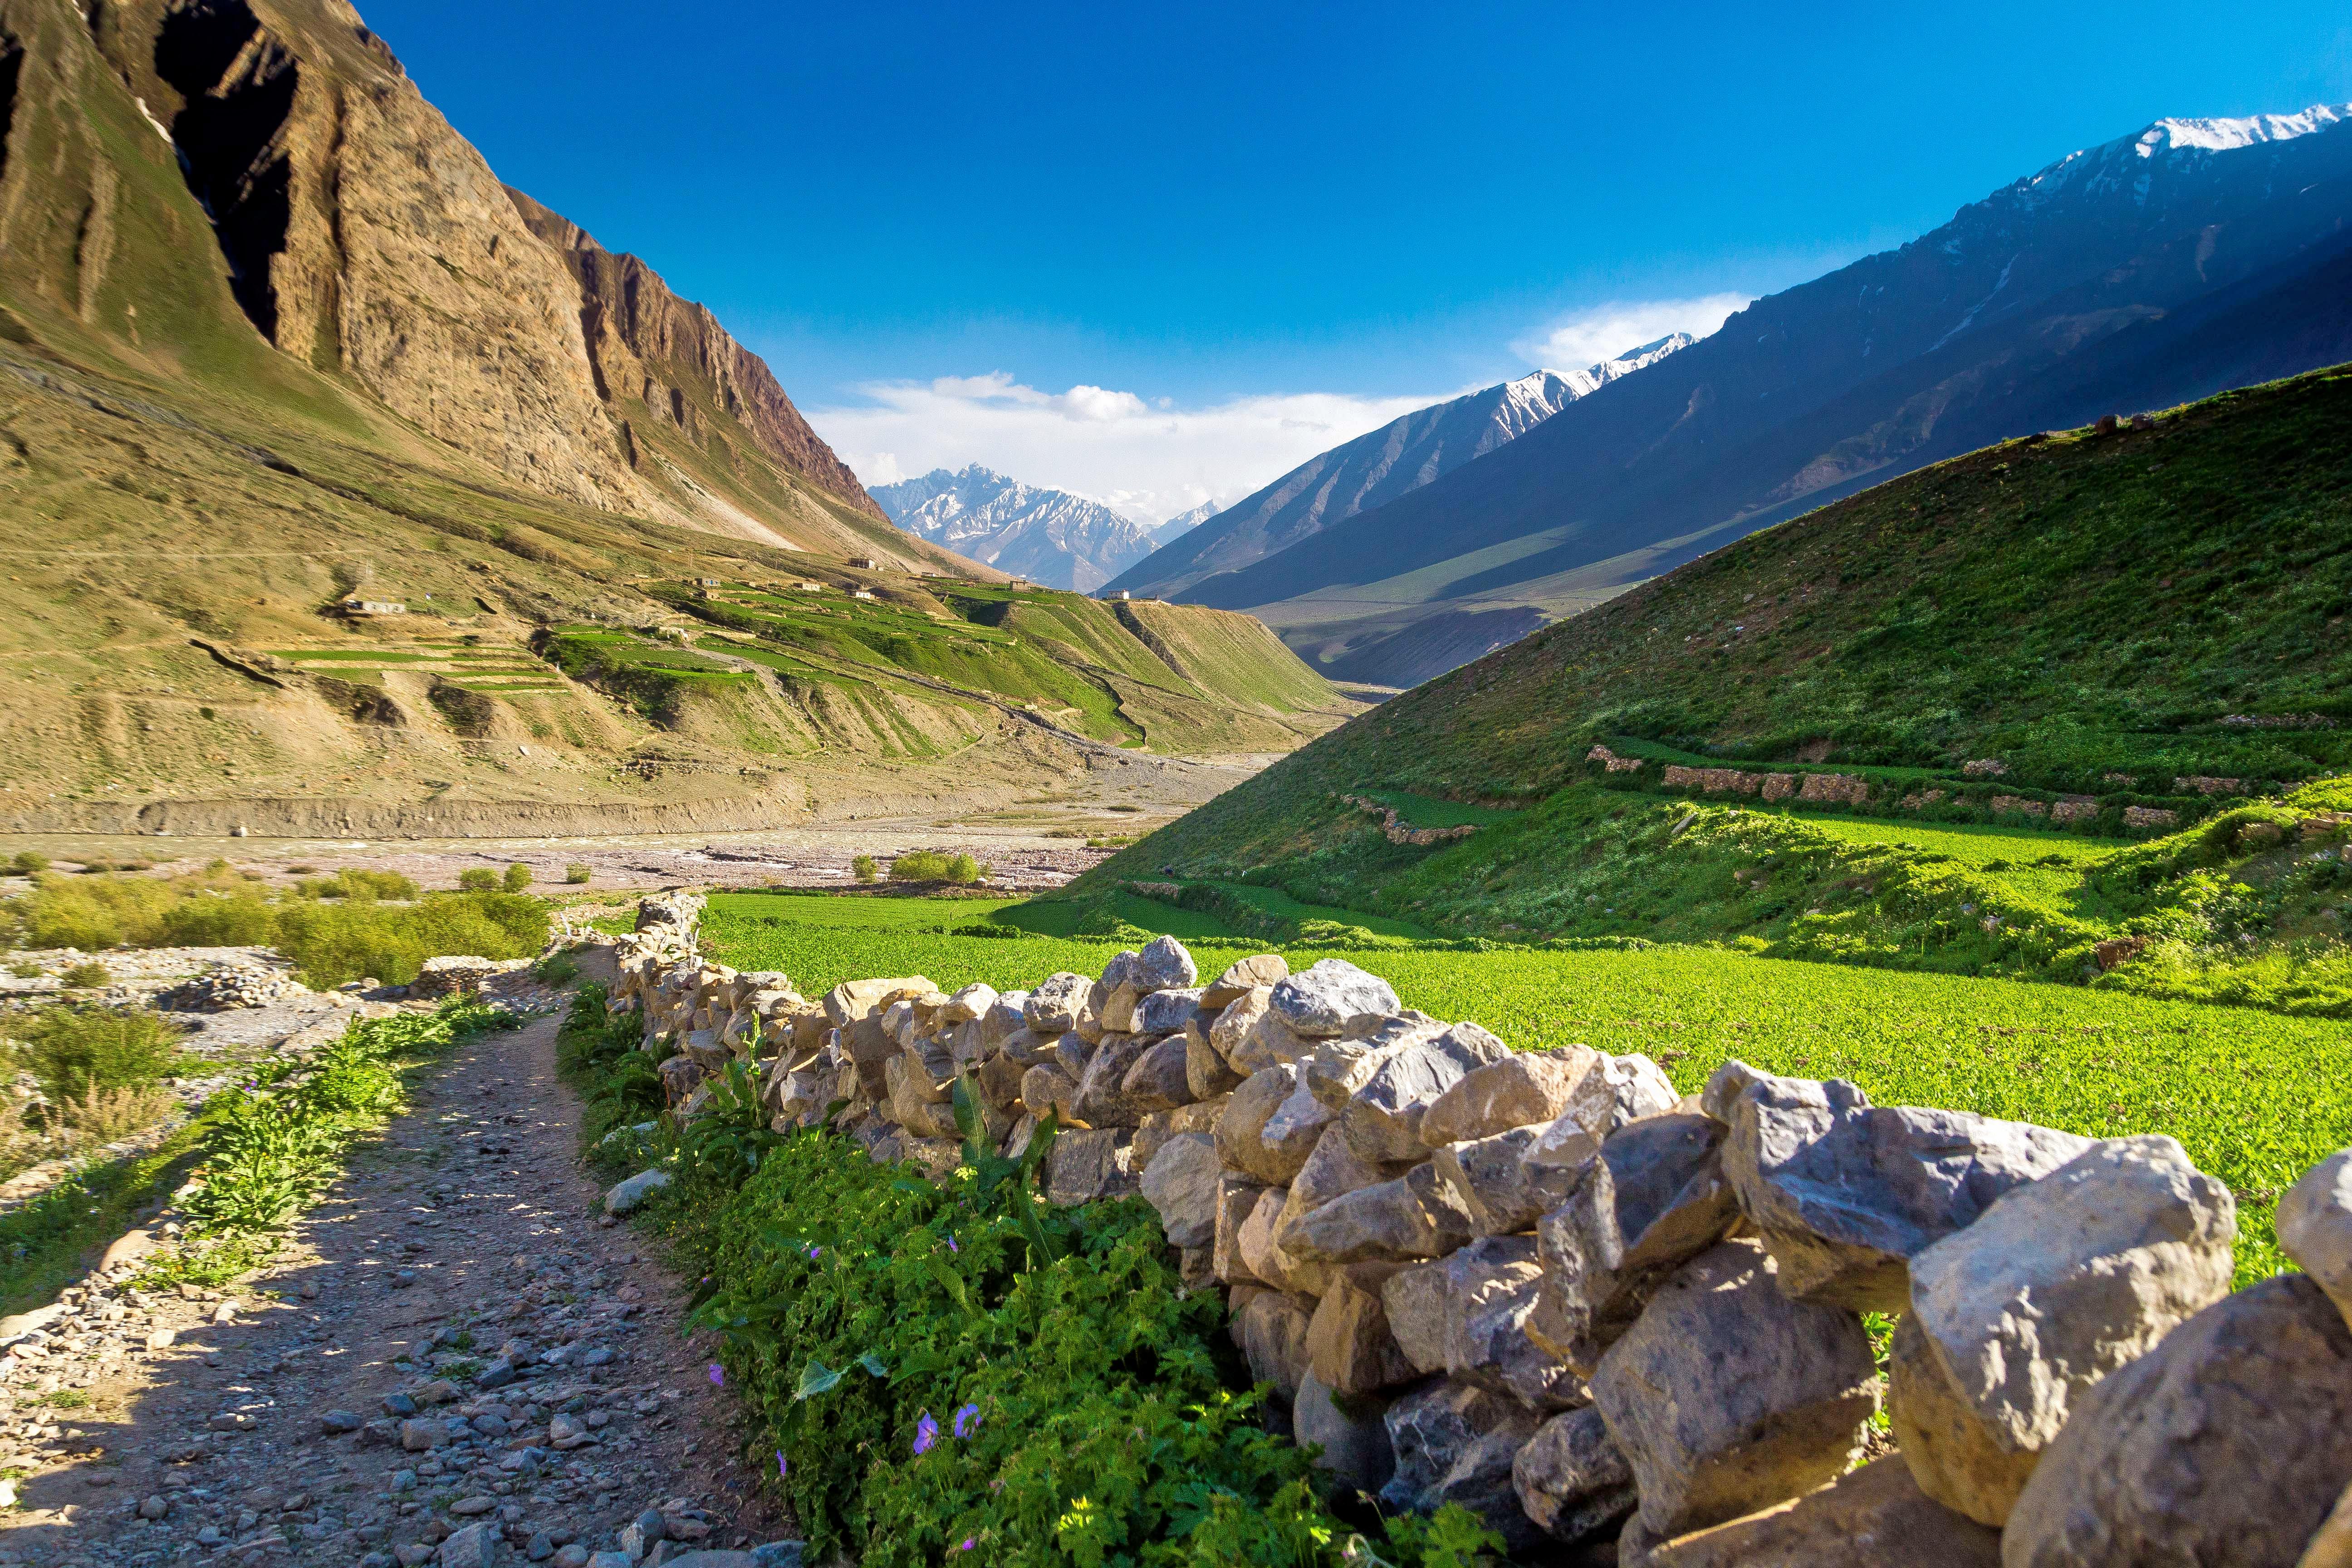 Solang Valley, Himachal Pradesh - 2020 (Photos & Reviews)